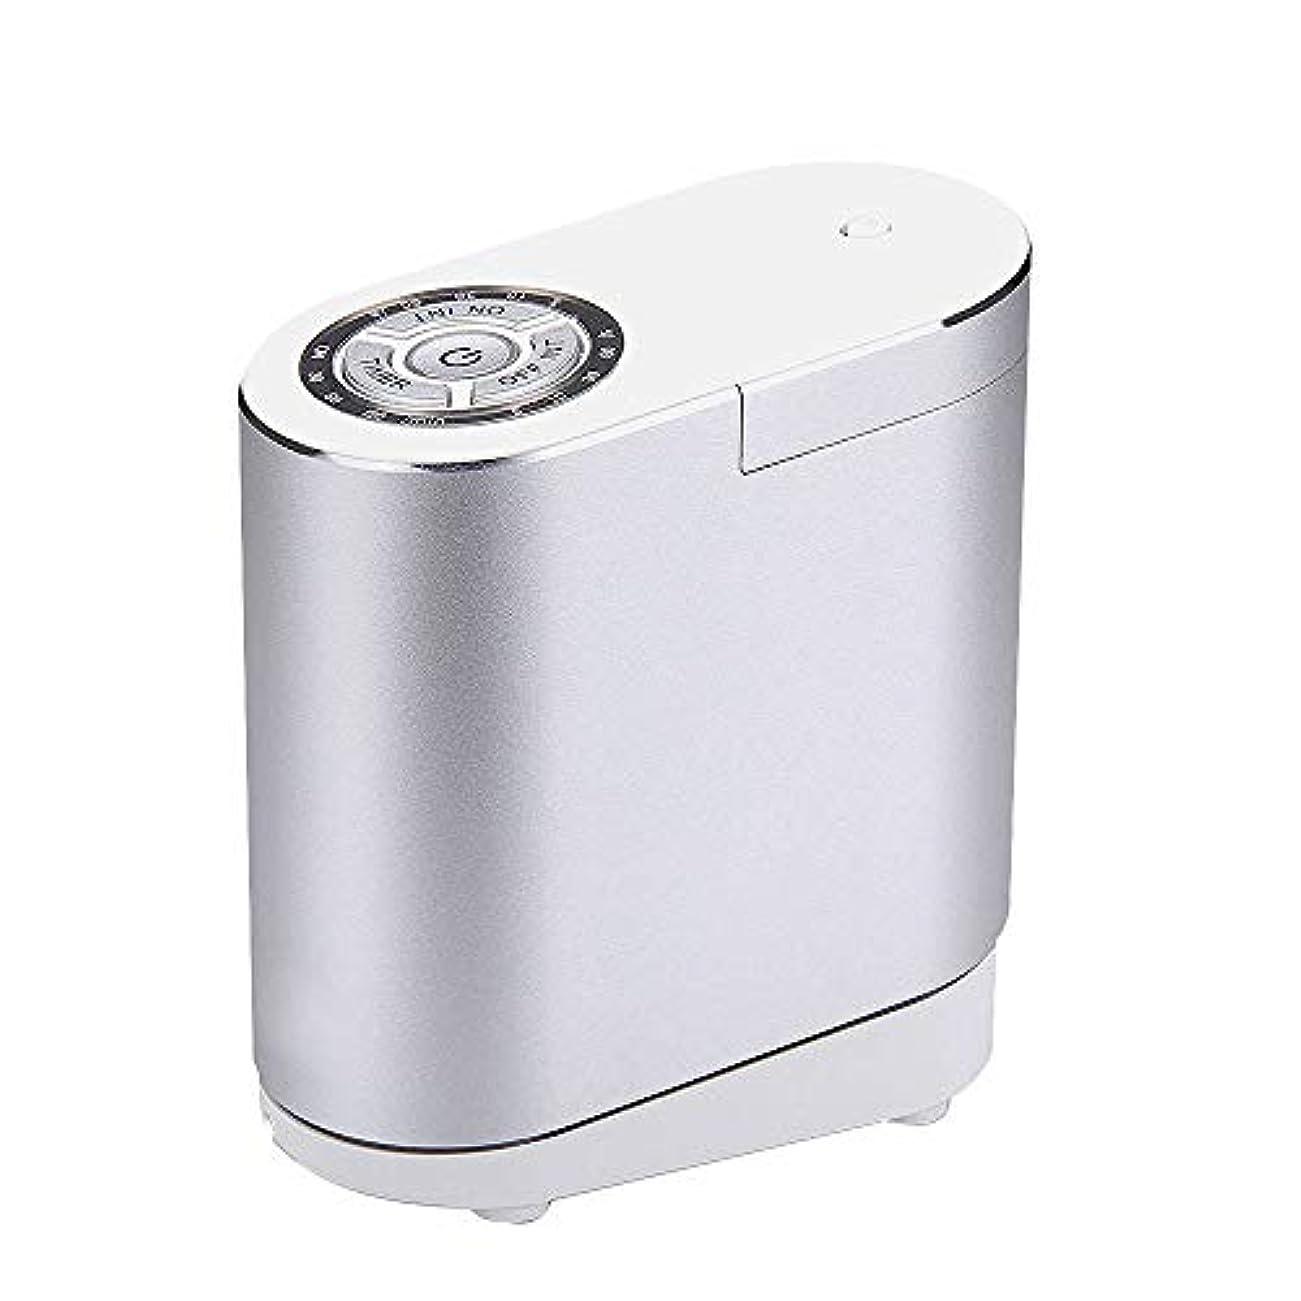 競争フライト顔料精油の拡散器、総本店の寝室部屋のための携帯用超音波拡散器の涼しい霧の加湿器,silver30ML